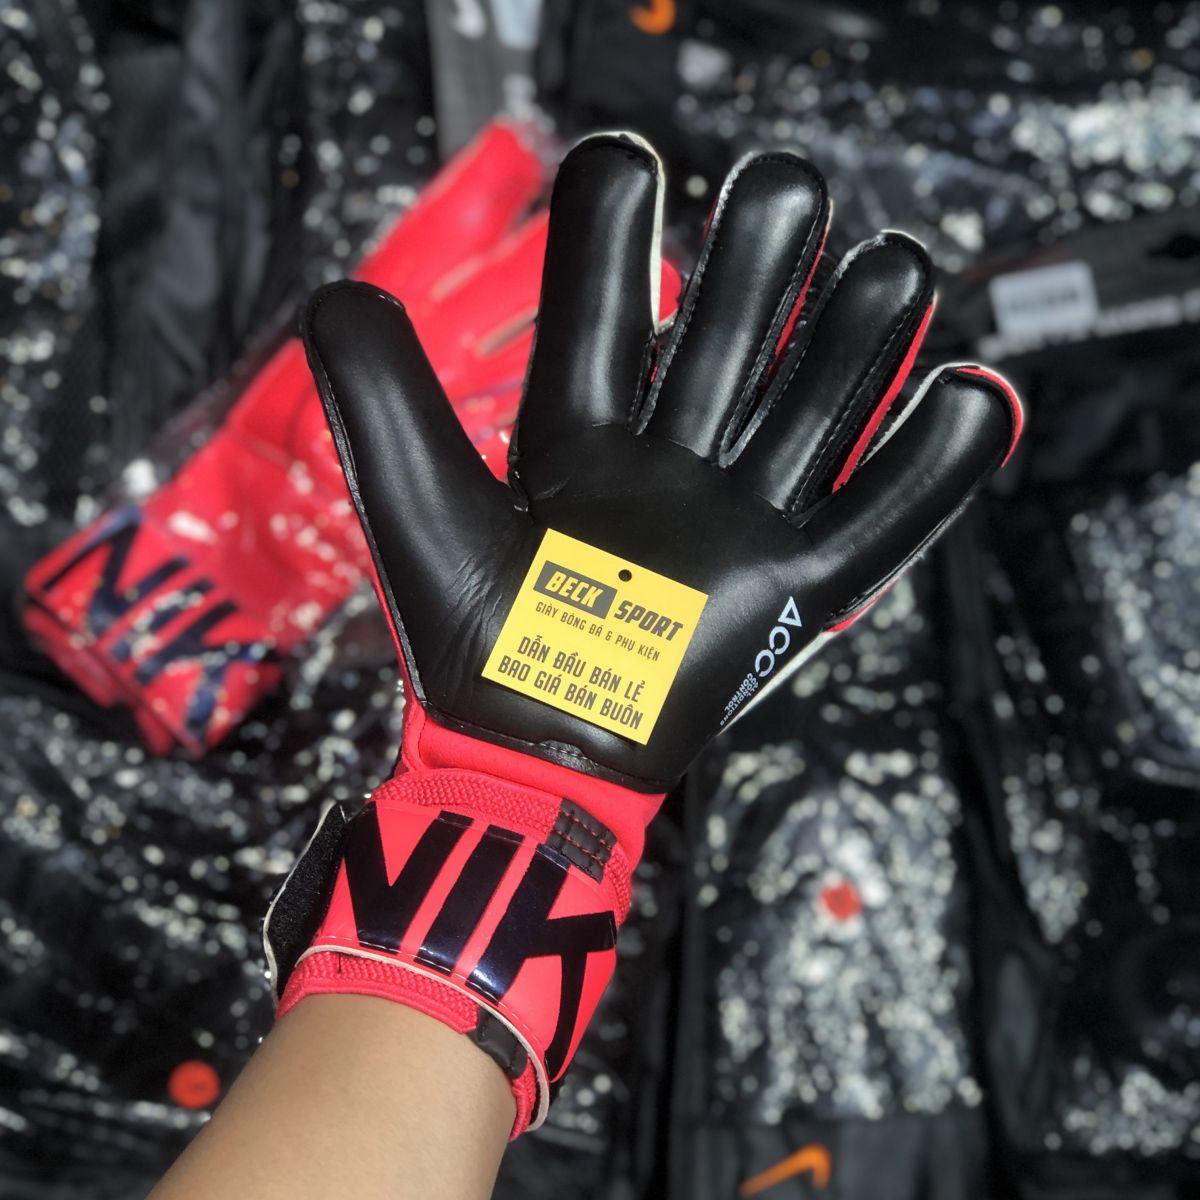 Găng Tay Nike Vapor Grip 3 Hồng Vạch Xanh Than ( Không Xương)